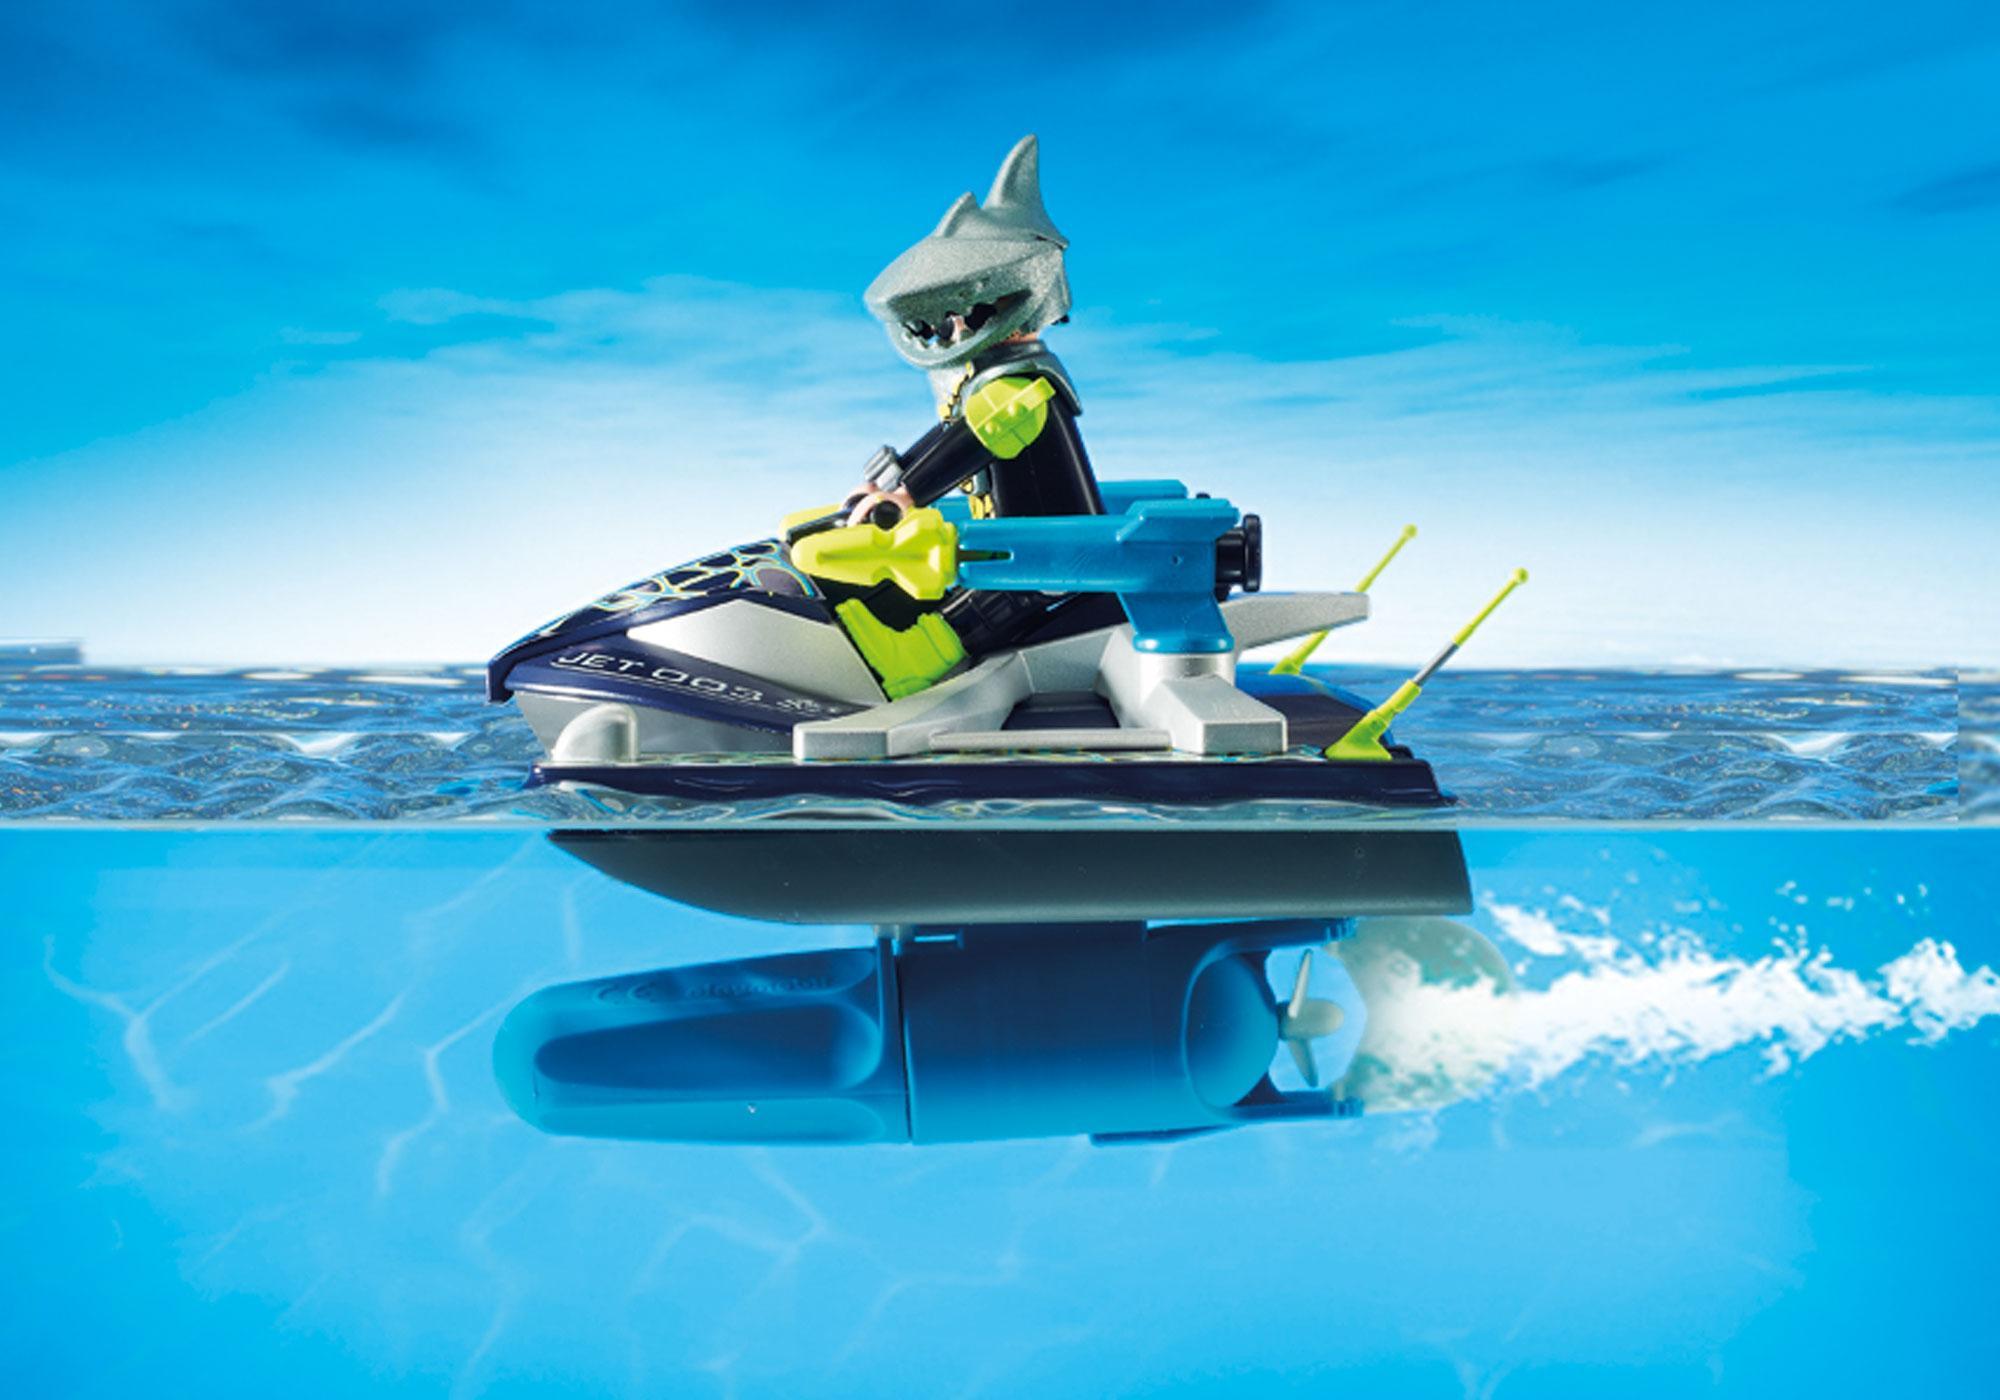 http://media.playmobil.com/i/playmobil/70007_product_extra2/TEAM S.H.A.R.K. Vandscooter med raketter